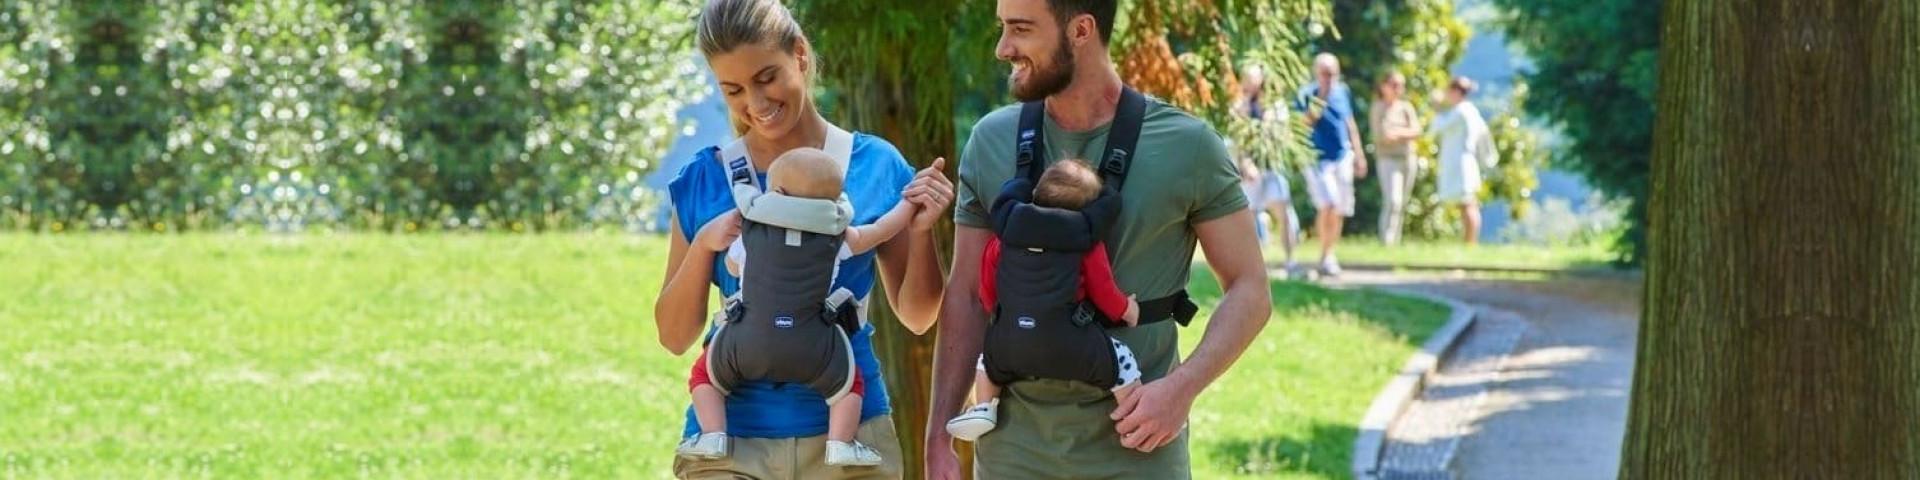 Хорошая альтернатива коляске: рейтинг лучших рюкзаков-кенгуру для новорождённых 2020 года